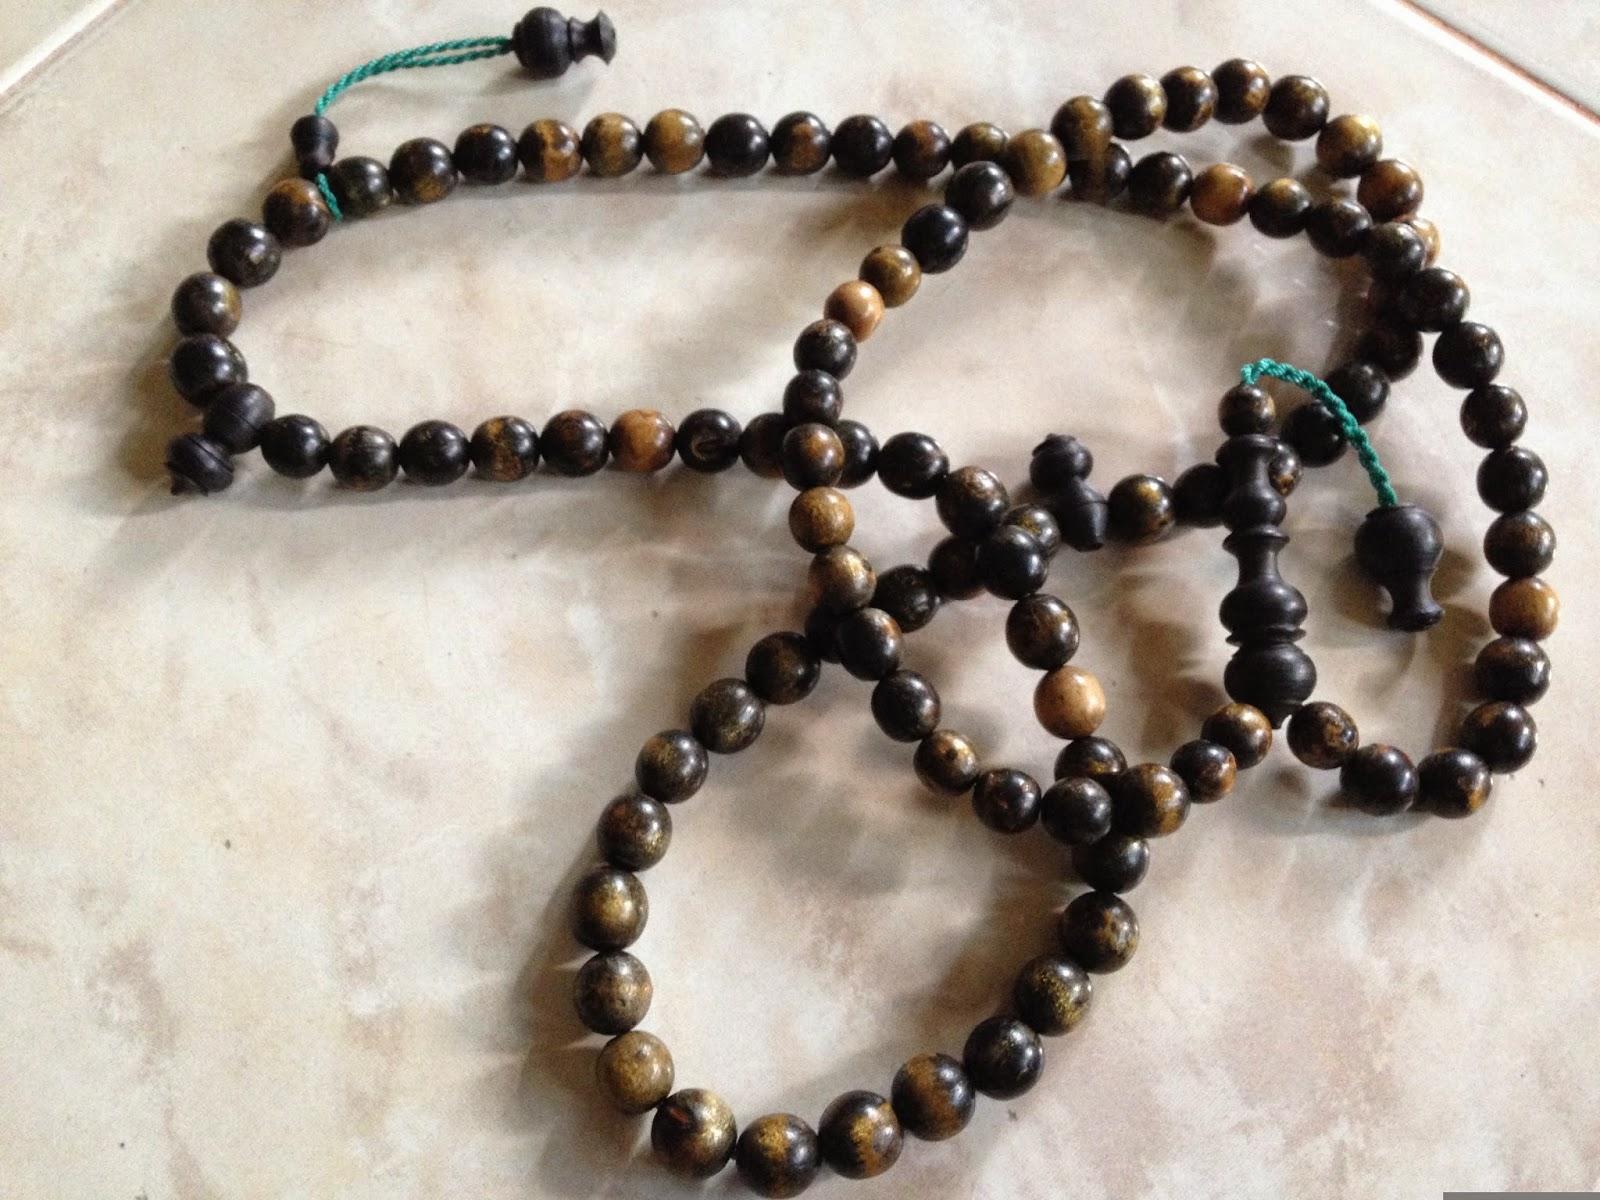 http://tasbihteras.blogspot.com/2014/08/cm001-tasbih-campur-ular-cinta-mani.html